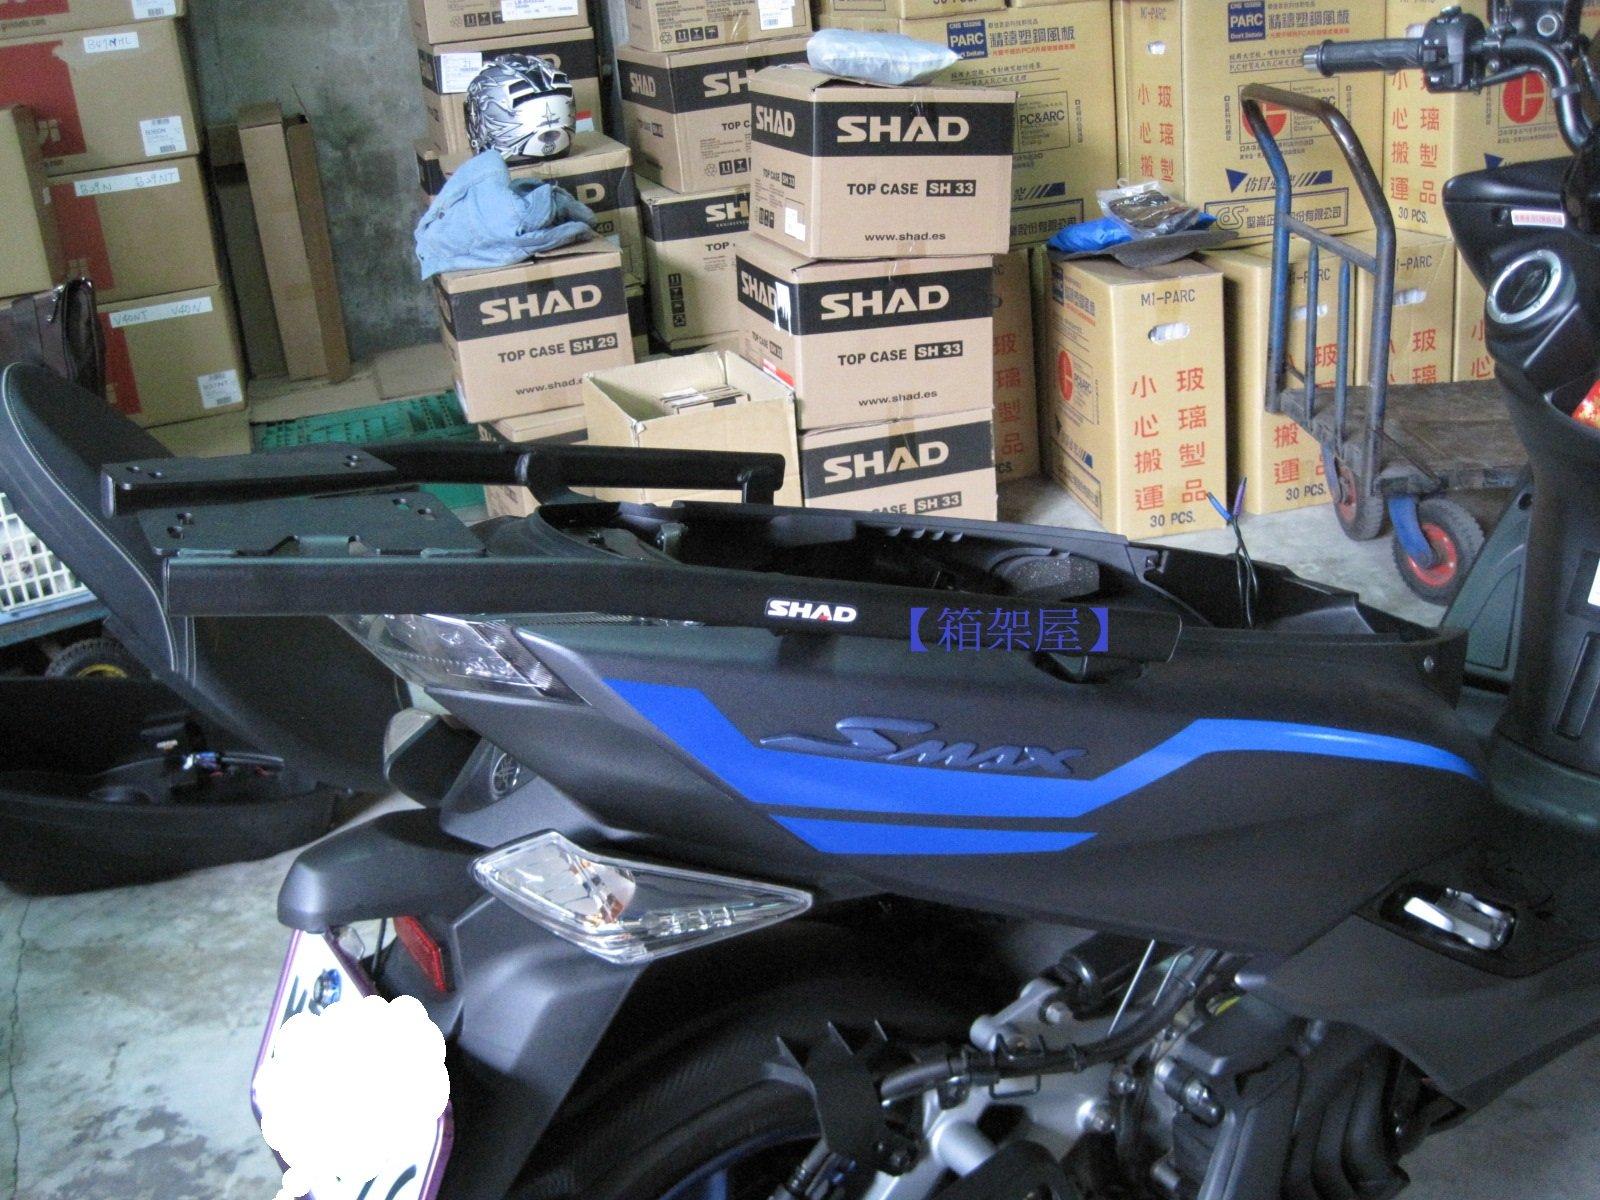 【箱架屋】SMAX 155 SHAD 原廠 後架 後箱架 後行李箱架 貨架 漢堡架